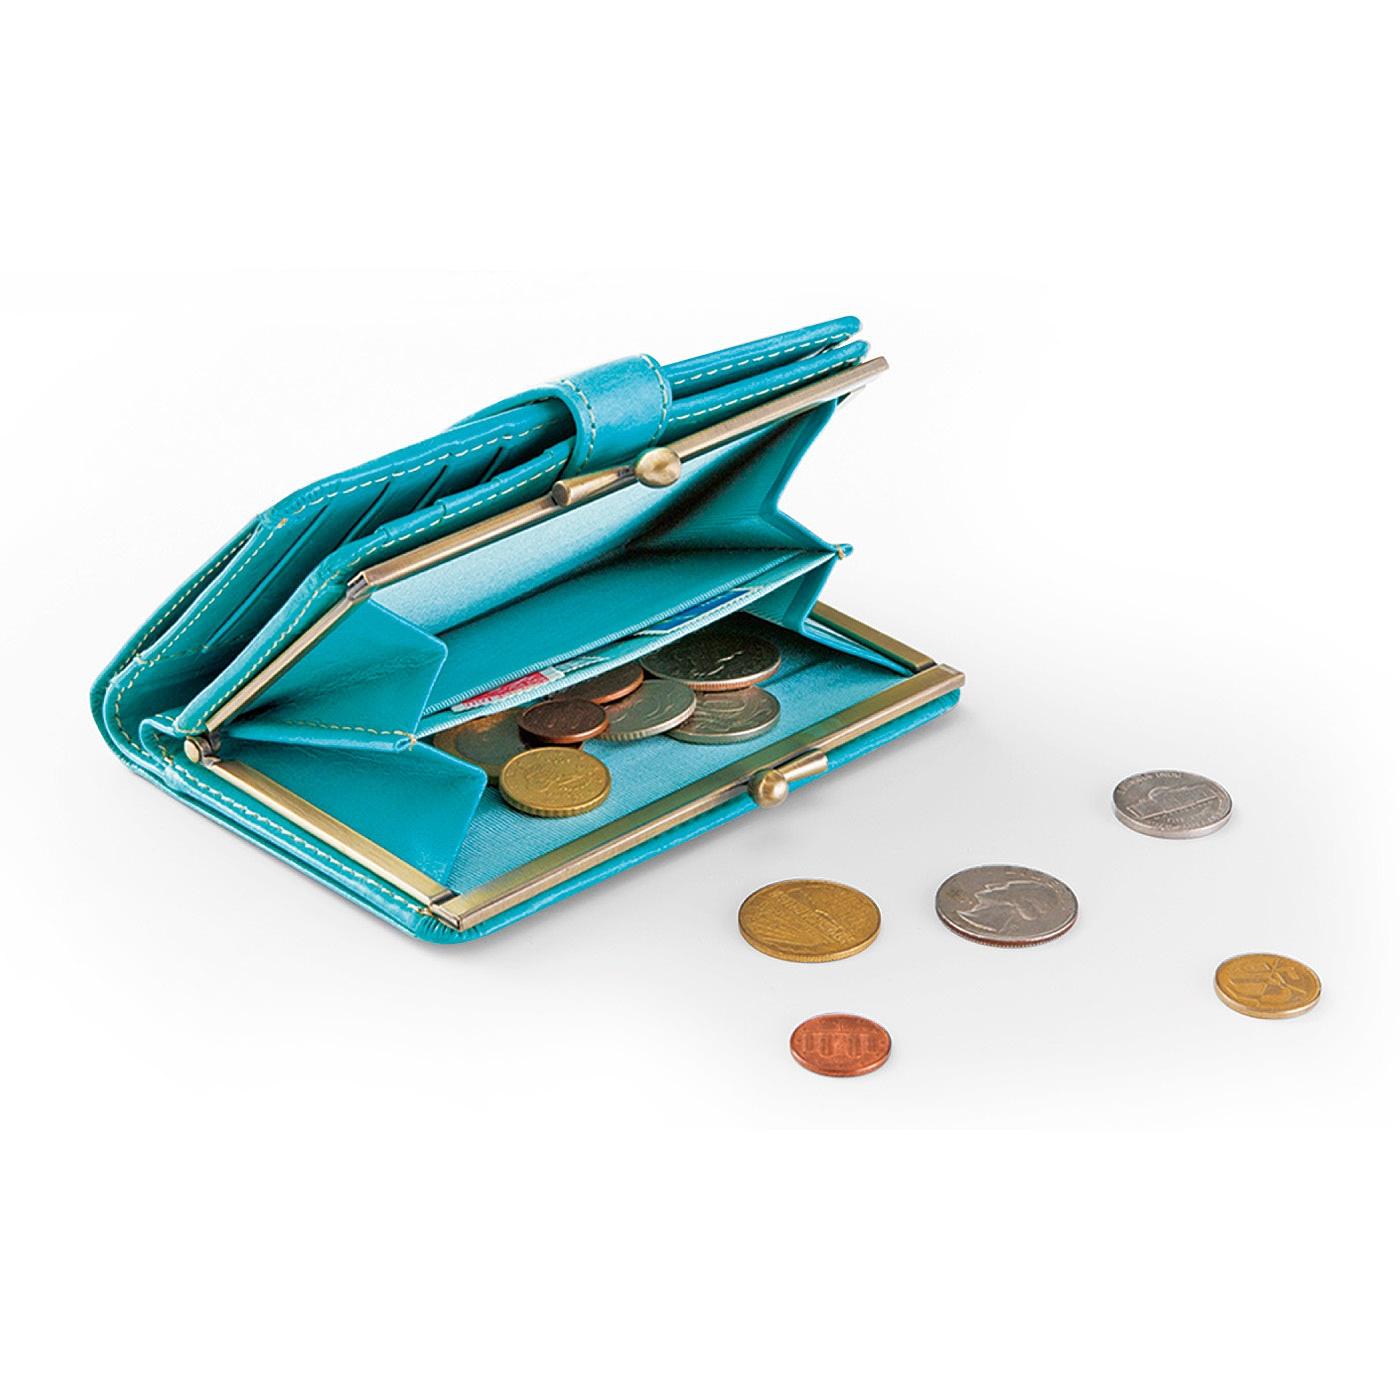 小銭入れは大きく開くがま口タイプ。カードは合計10枚収納できます。